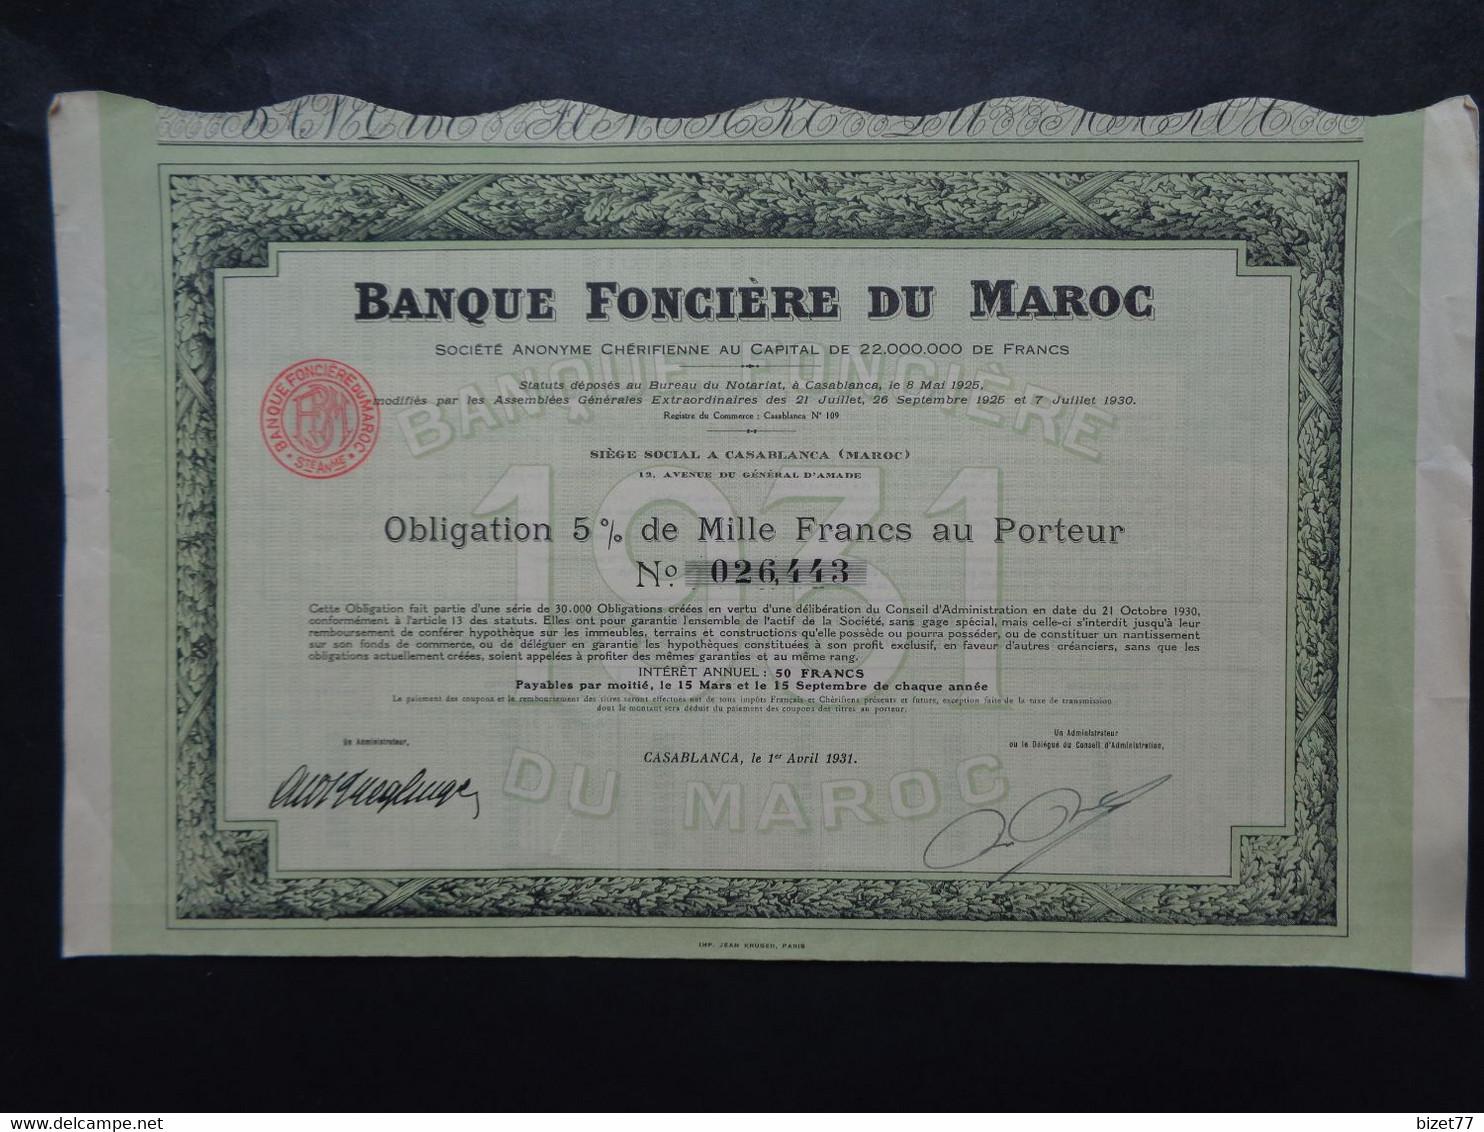 MAROC - CASABLANCA 1931 - BANQUE FONCIERE DU MAROC - OBLIGATION 5% DE 1 000 FRS - Unclassified